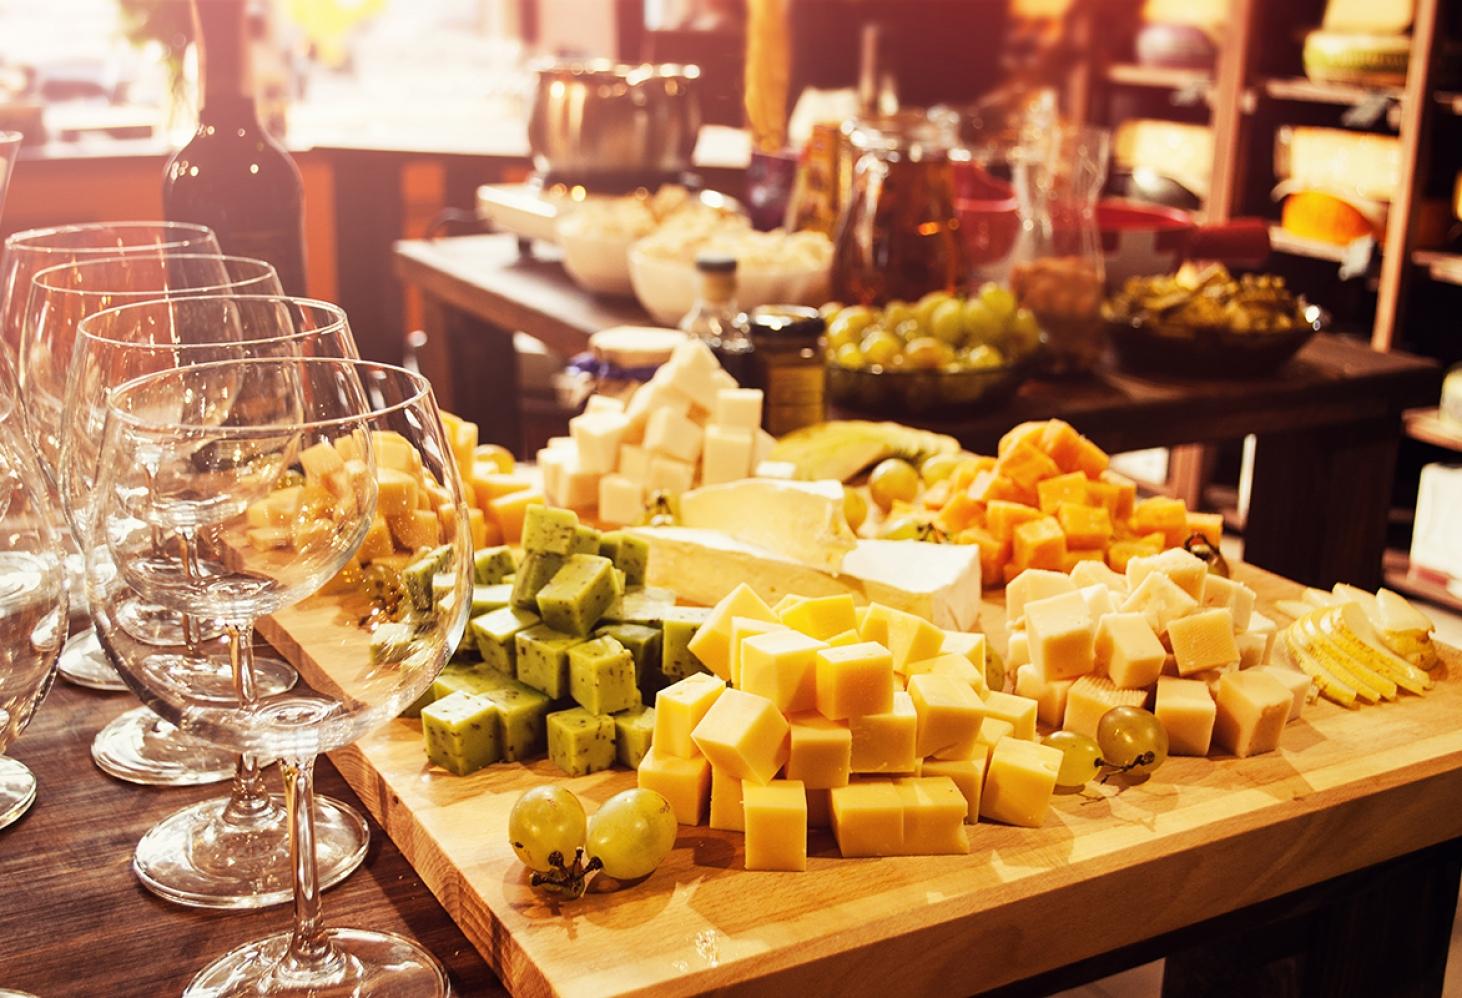 Кулинарная ярмарка итальянской еды Taste 10.03.18. - 12.03.18